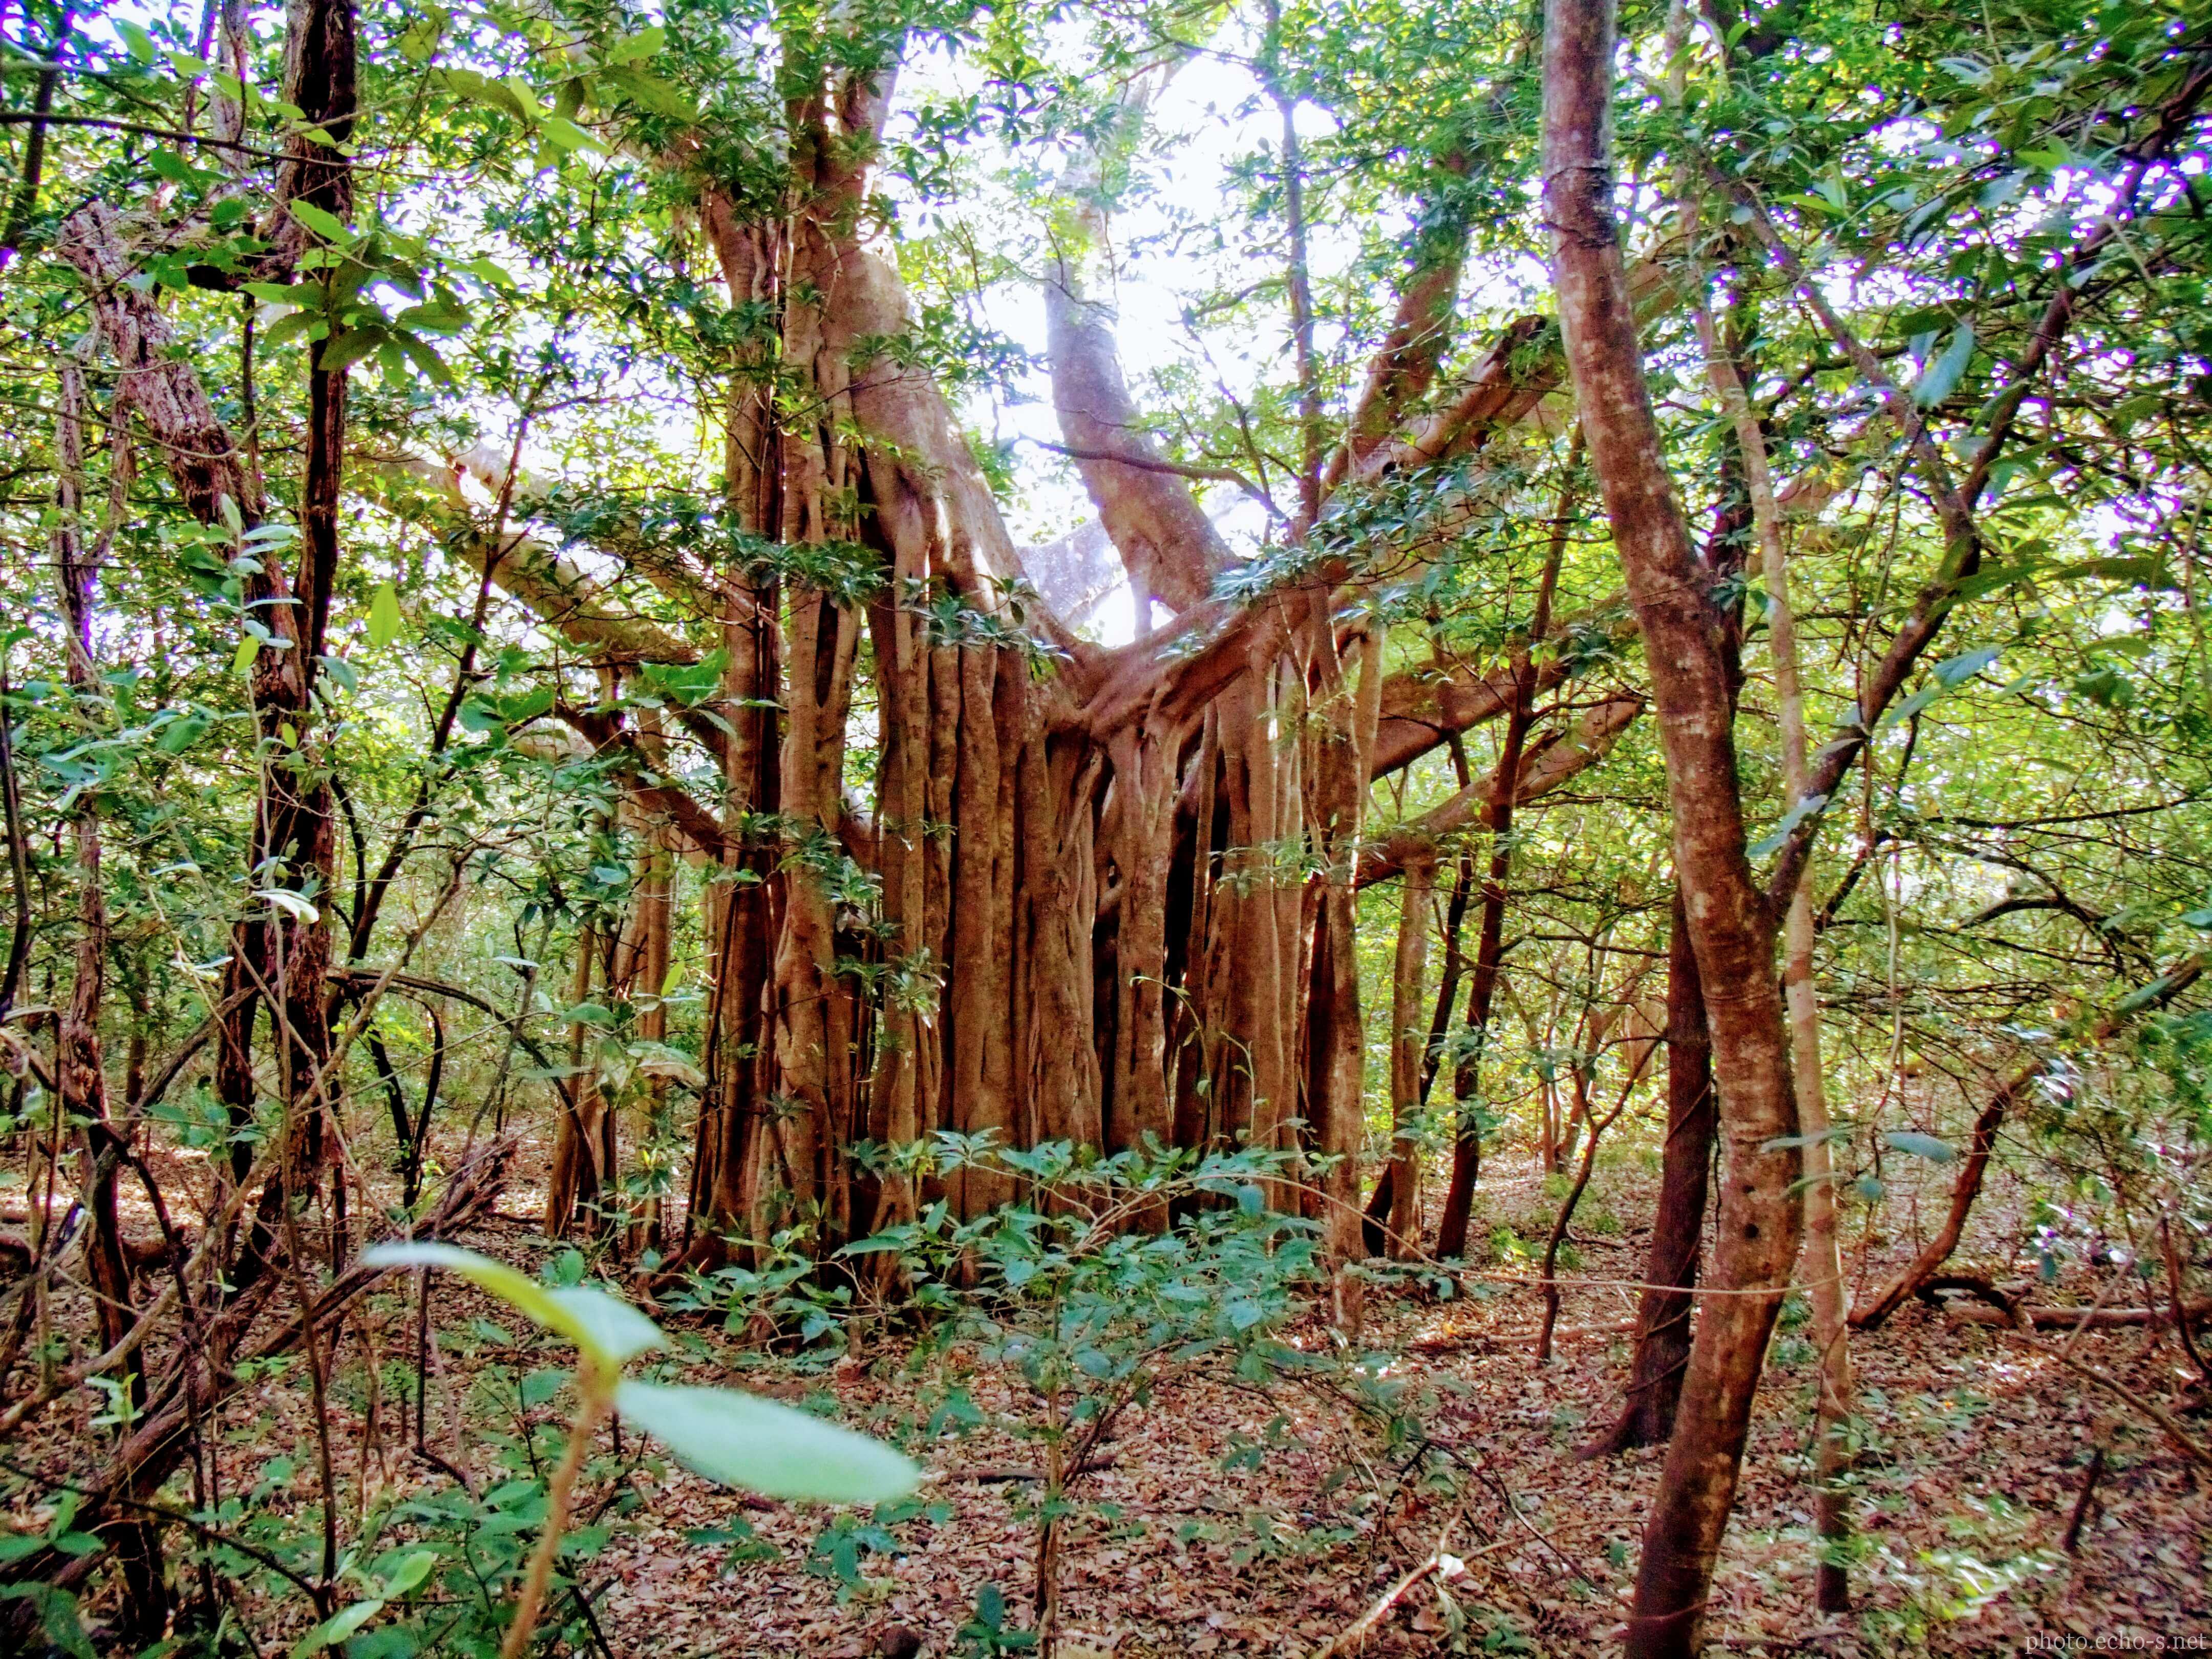 コスタリカ共和国 サンタ・ロサ国立公園